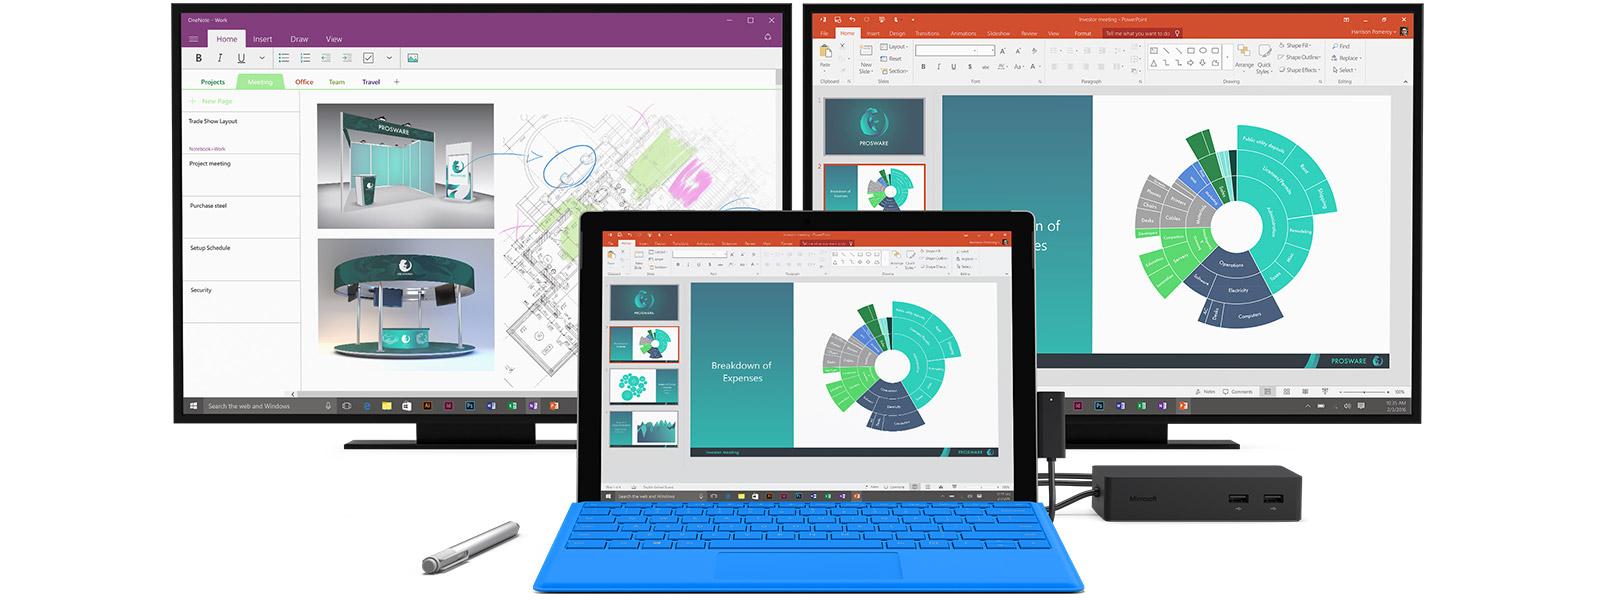 2 台一般桌上型監視器、Surface Pro 4、Surface 手寫筆和 Surface 擴充基座